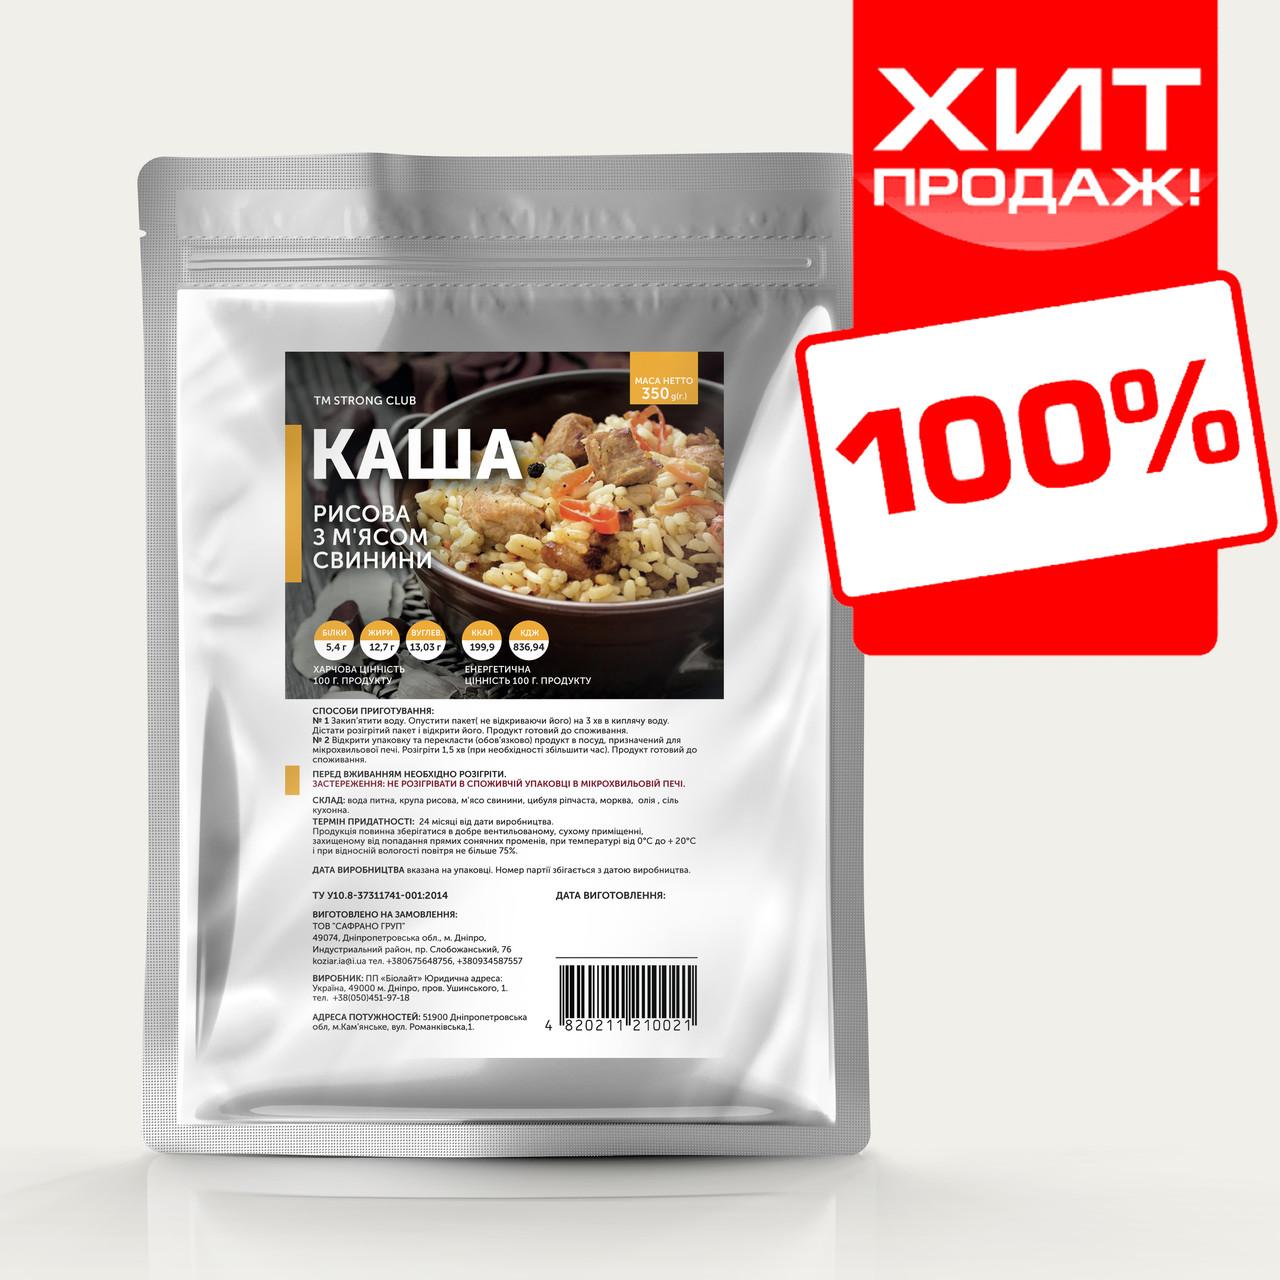 Сухпаек 350 гр. Каша рисовая с мясом свинины (готовая еда быстрого приготовления, сублимированная)